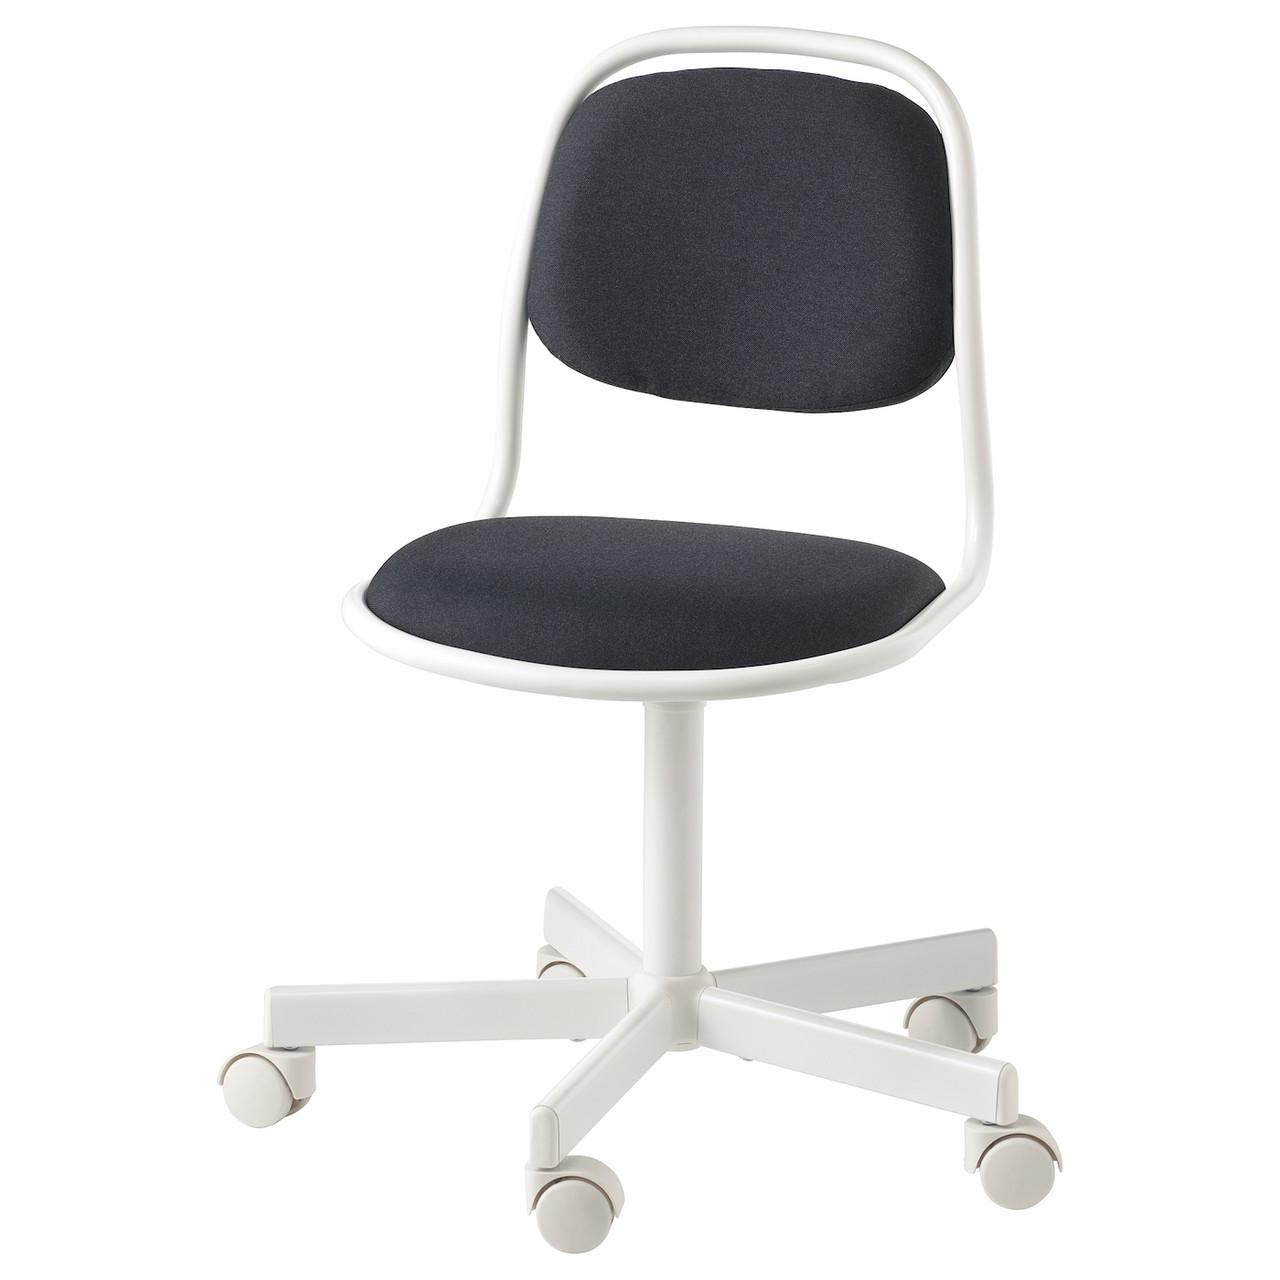 Детское компьютерное кресло IKEA ÖRFJÄLL Vissle темно-серое белое 104.417.86